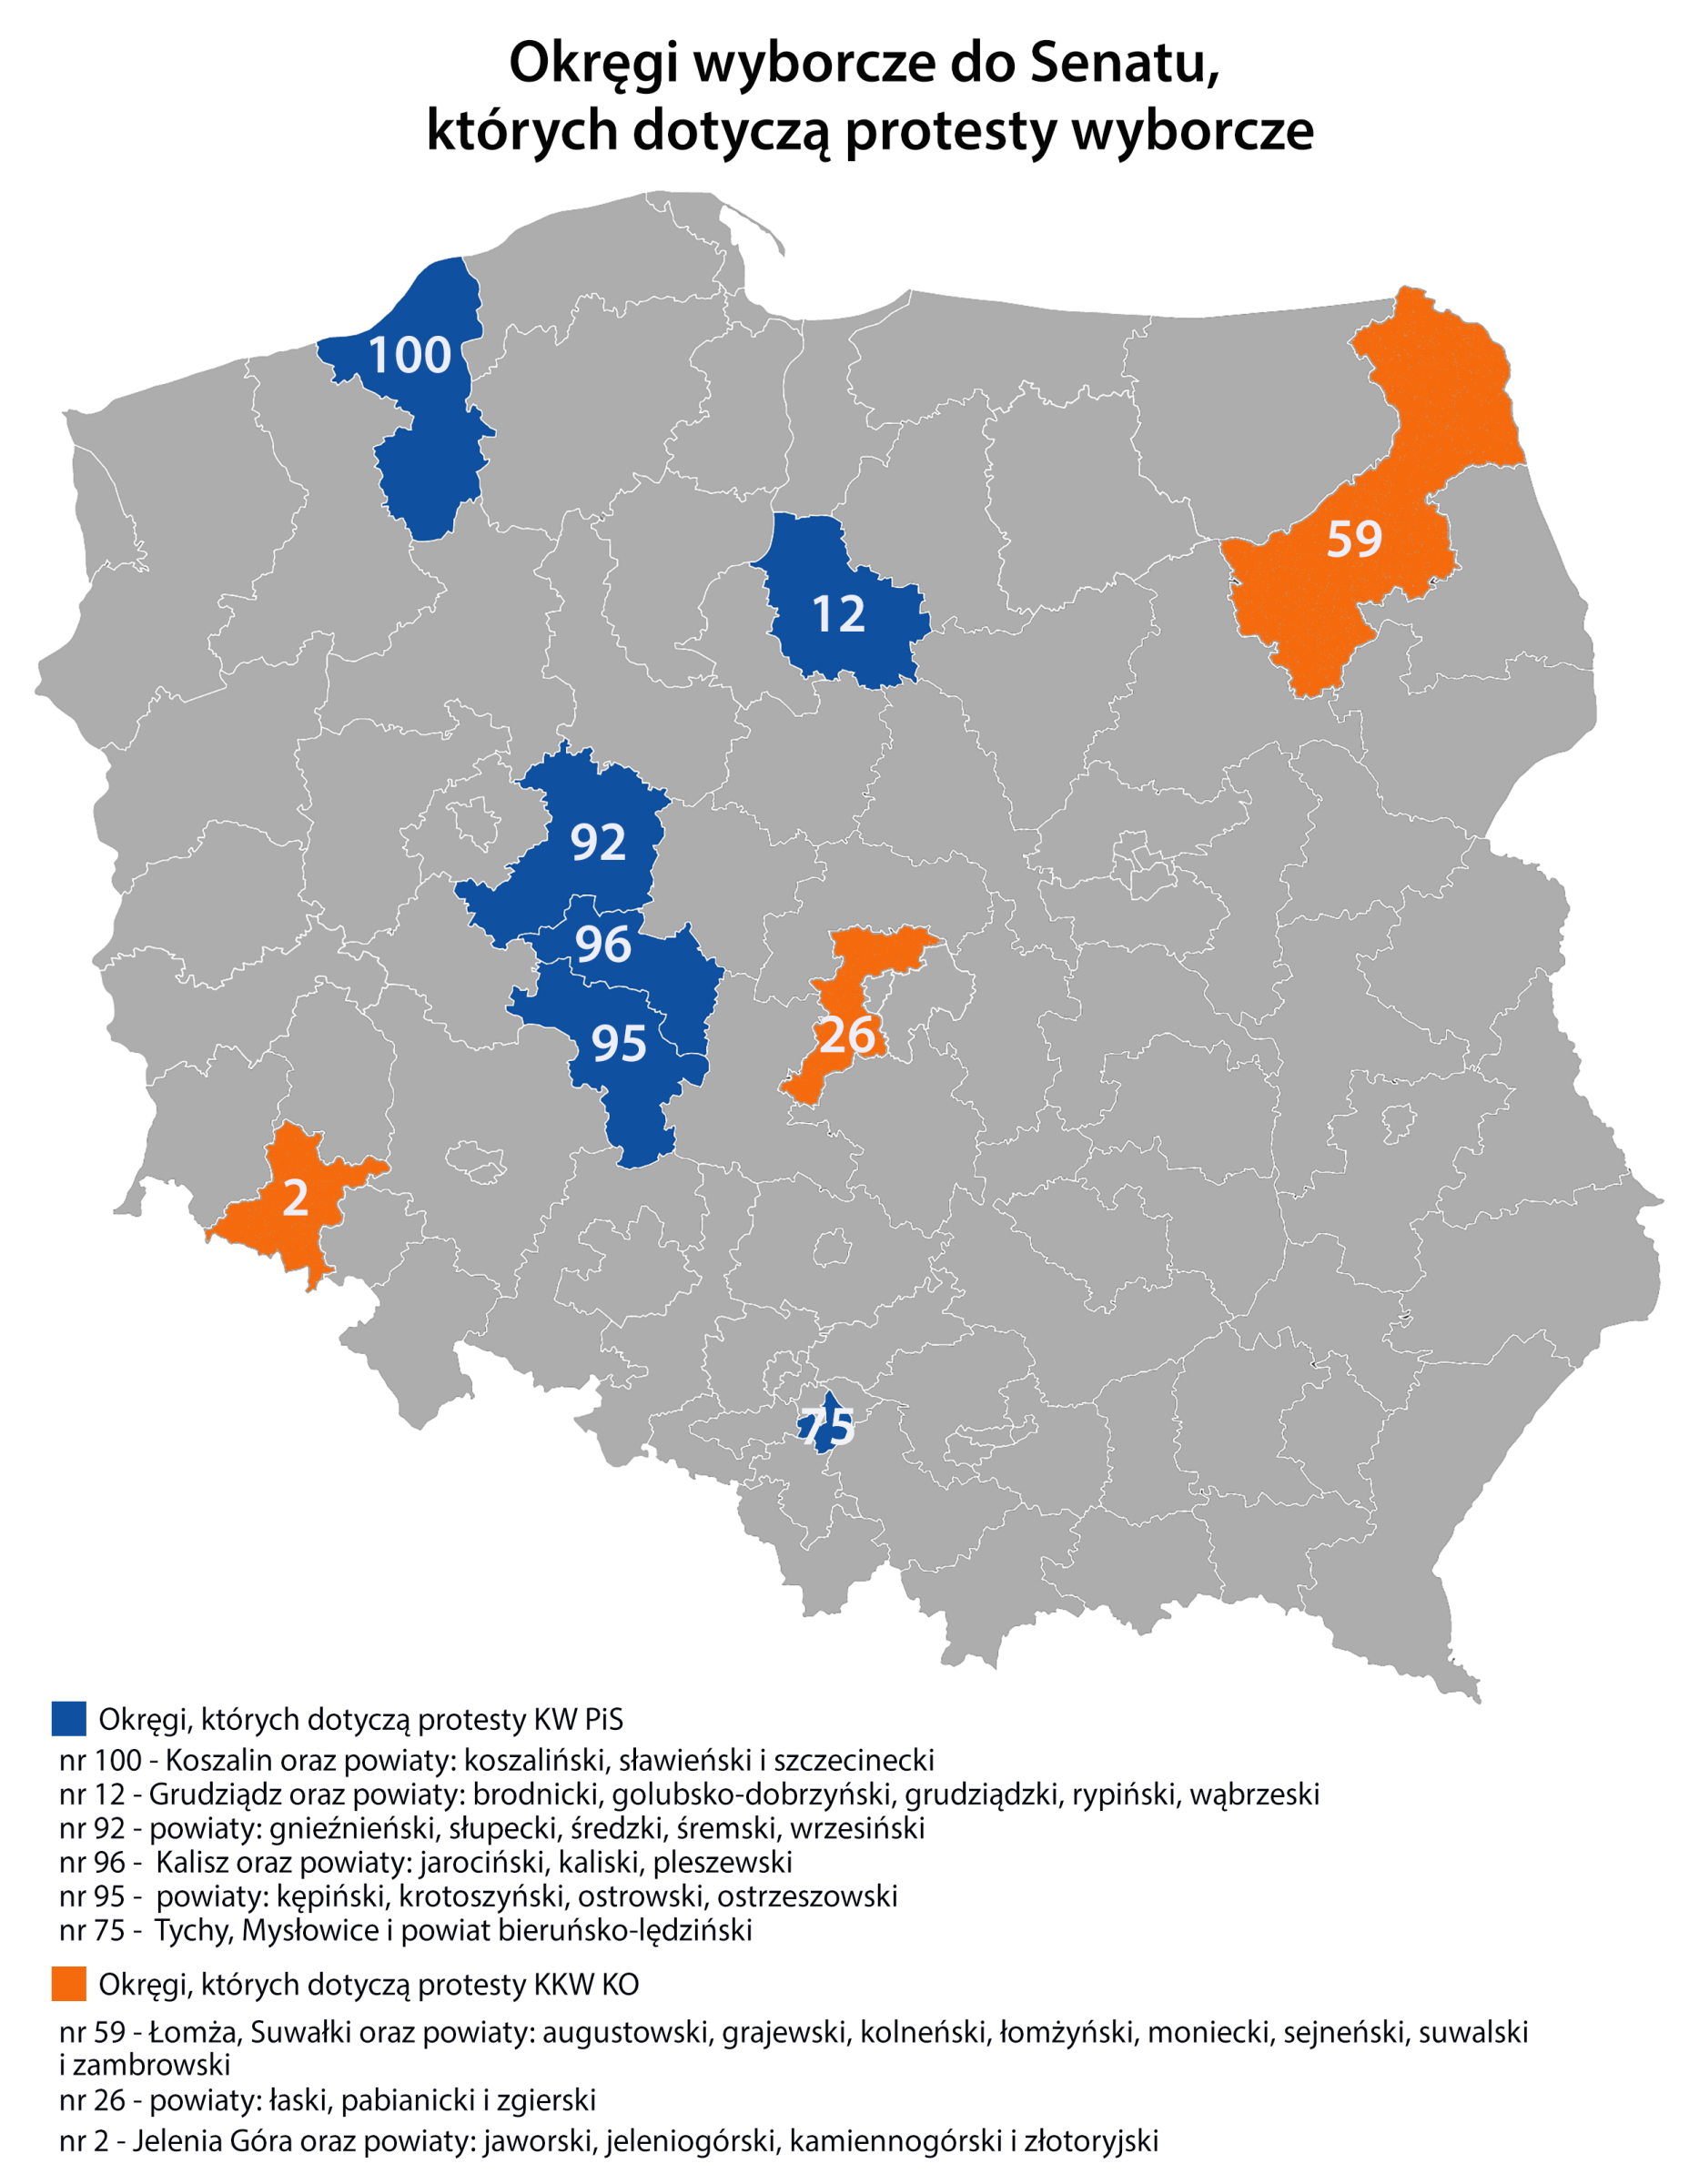 Tych okręgów dotyczyły protesty wyborcze PiS i KO